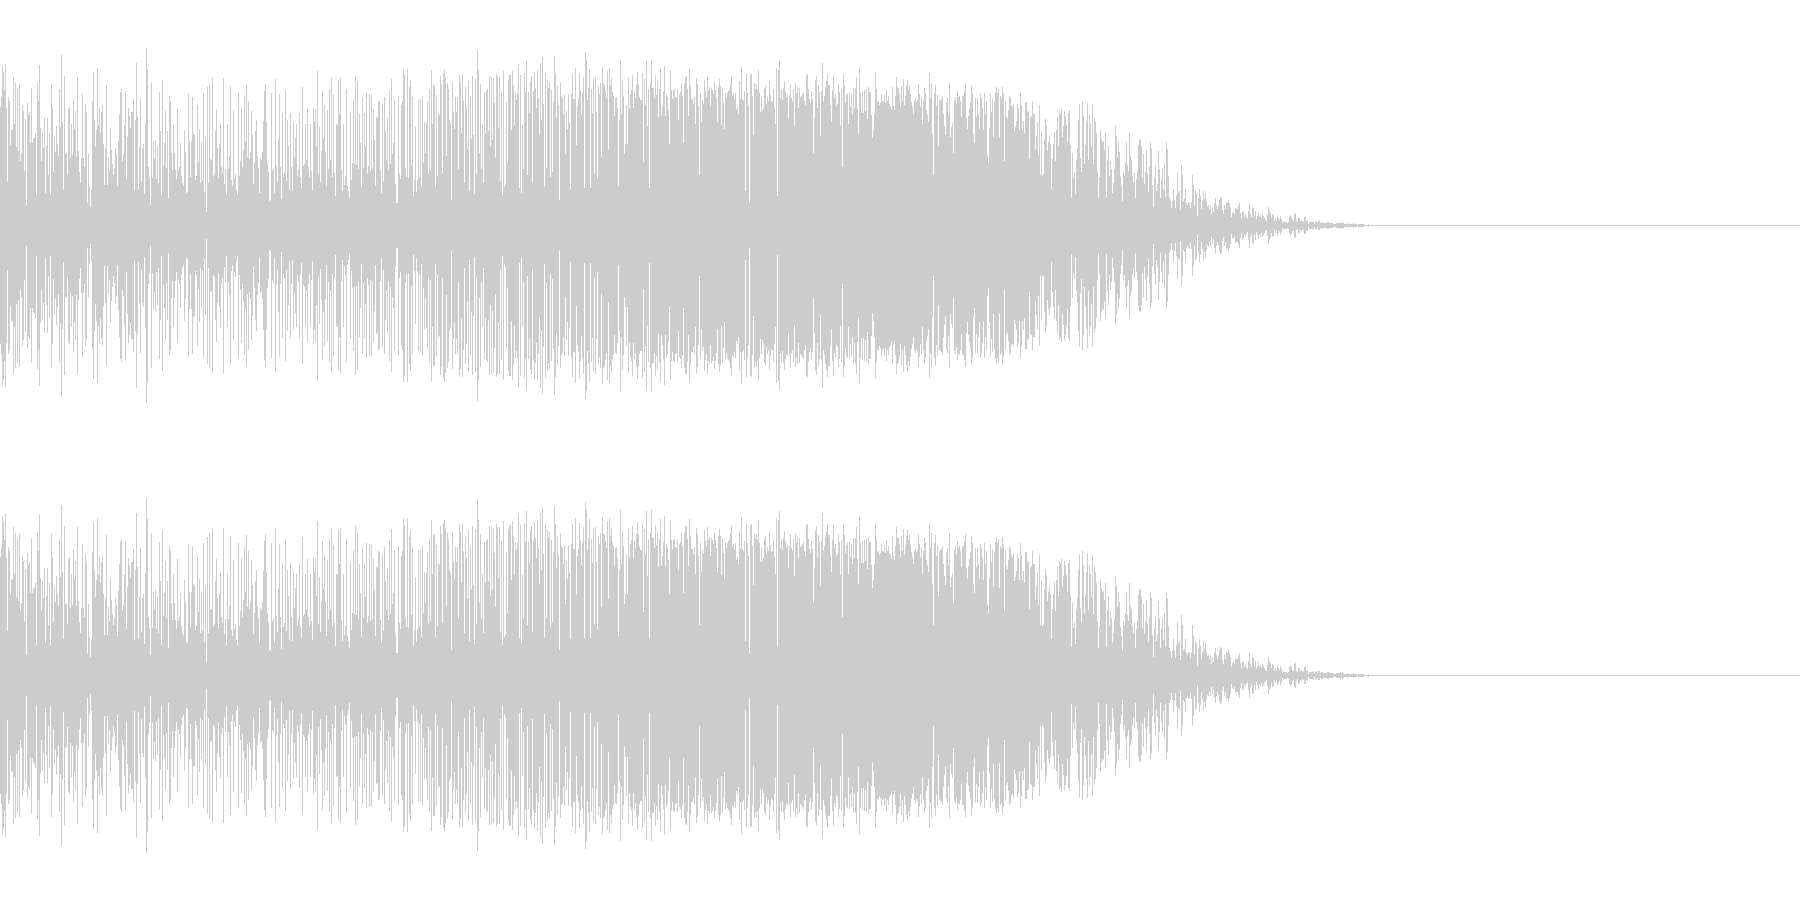 シュッ(スワイプ/アプリ/ゲーム)の未再生の波形